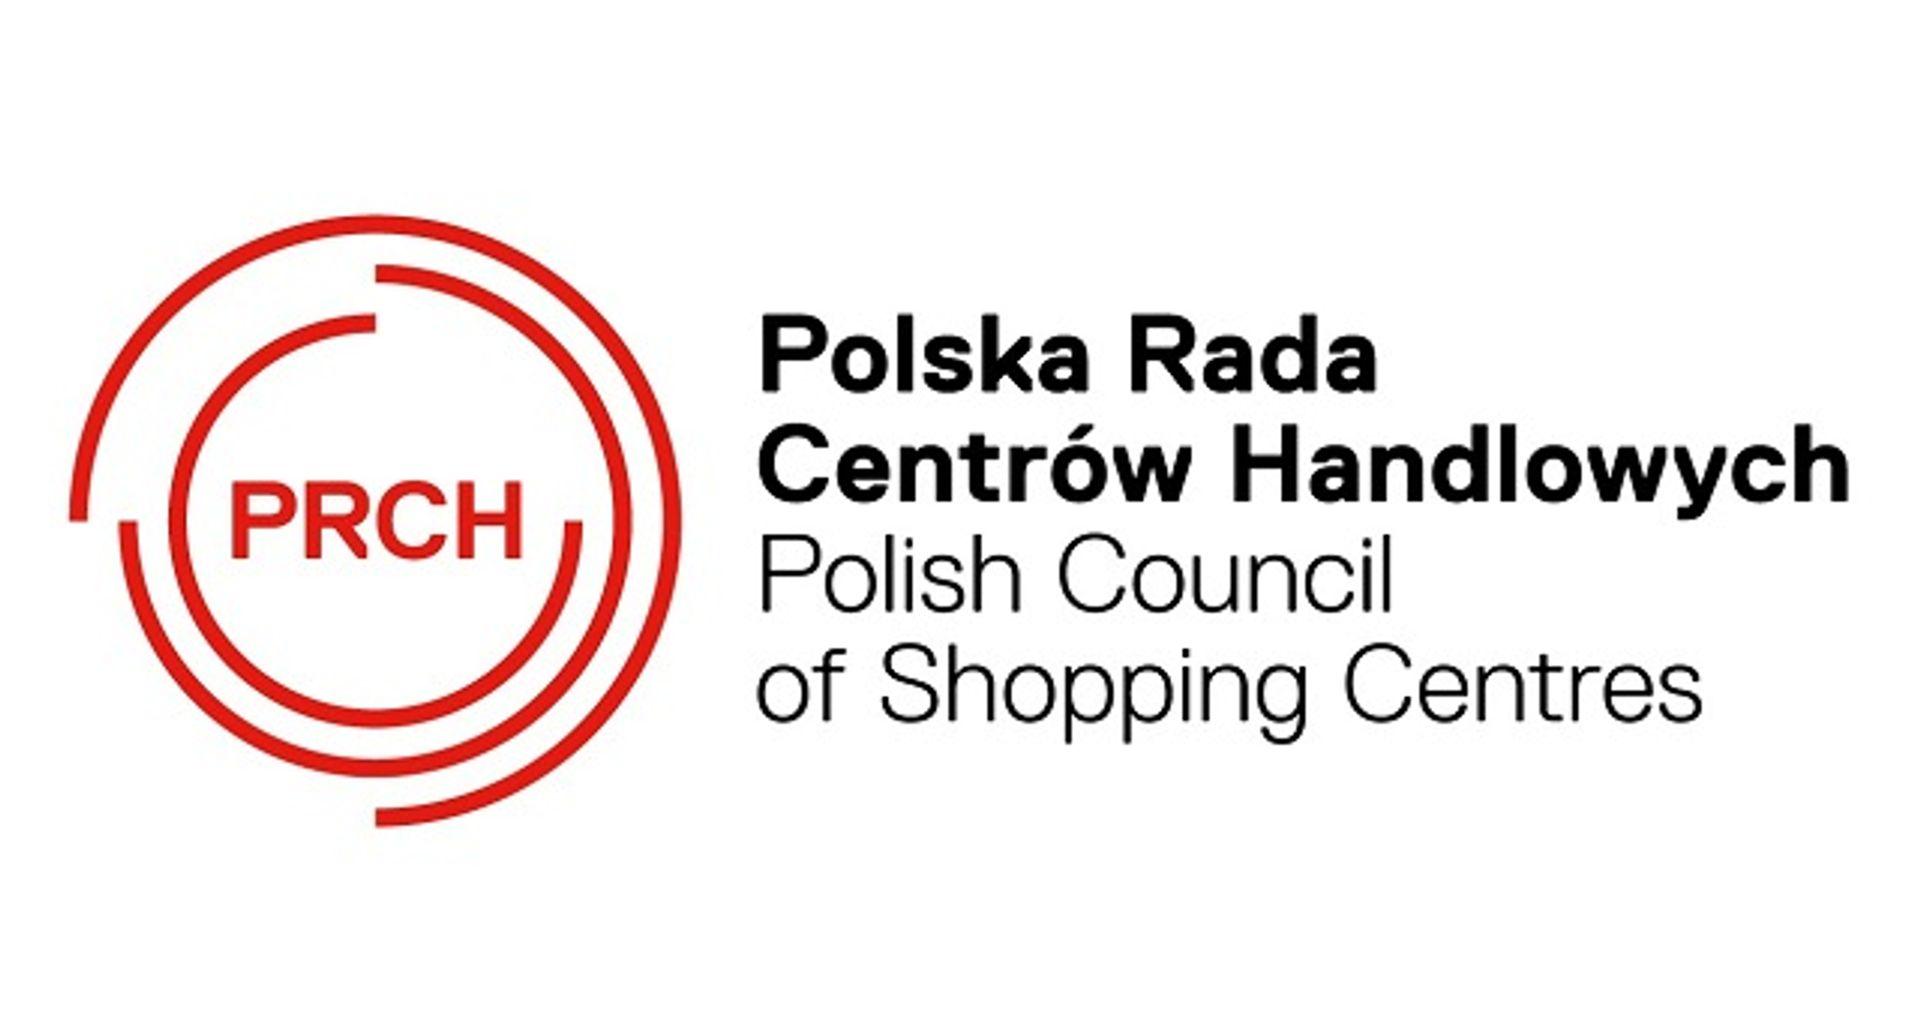 [Polska] Najwięcej centrów handlowych powstaje w dużych aglomeracjach i małych miastach